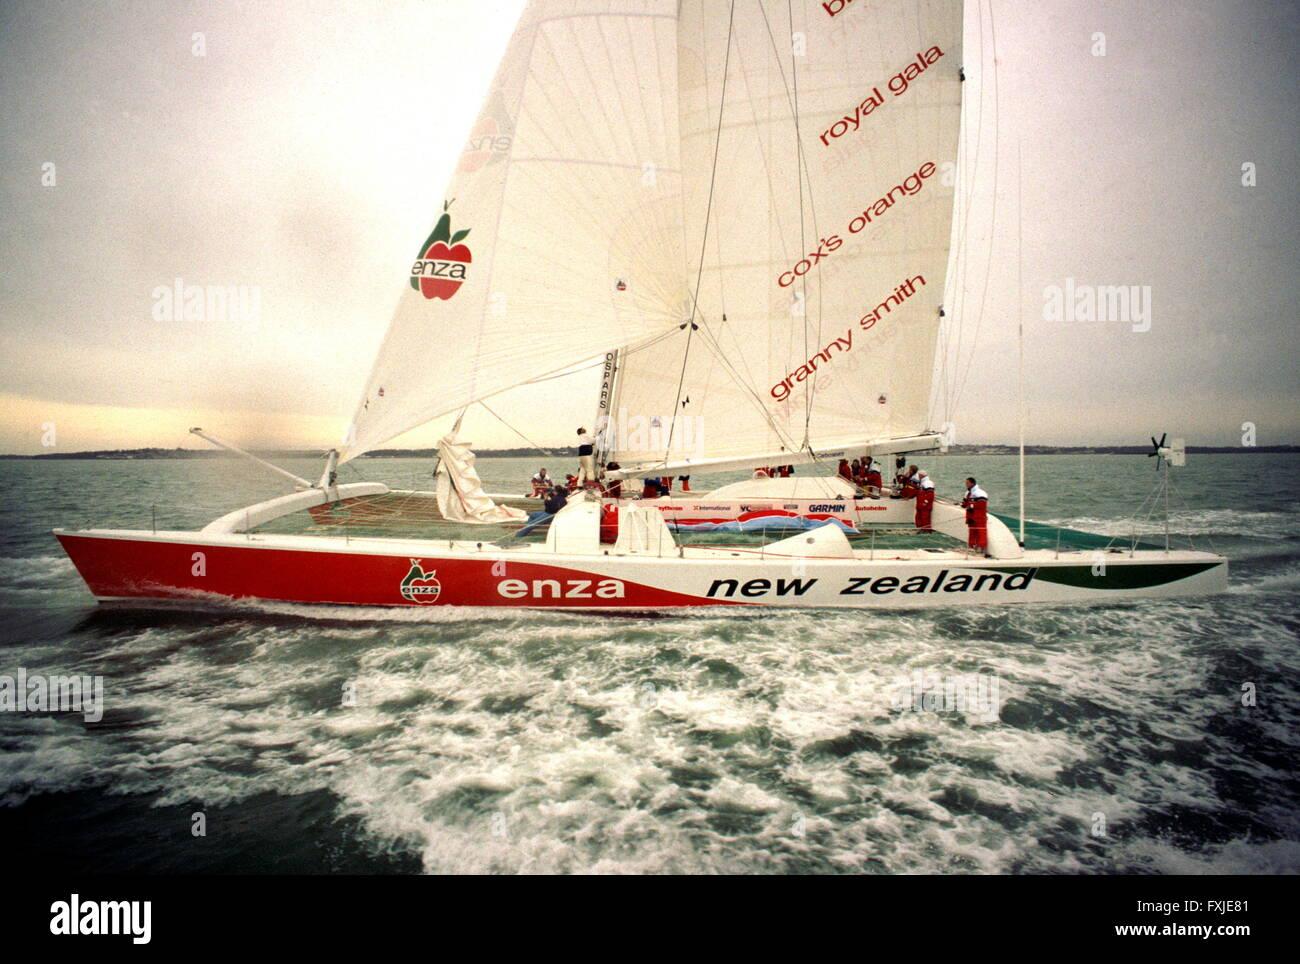 ajaxnetphoto1993solent-england-new-cat-o